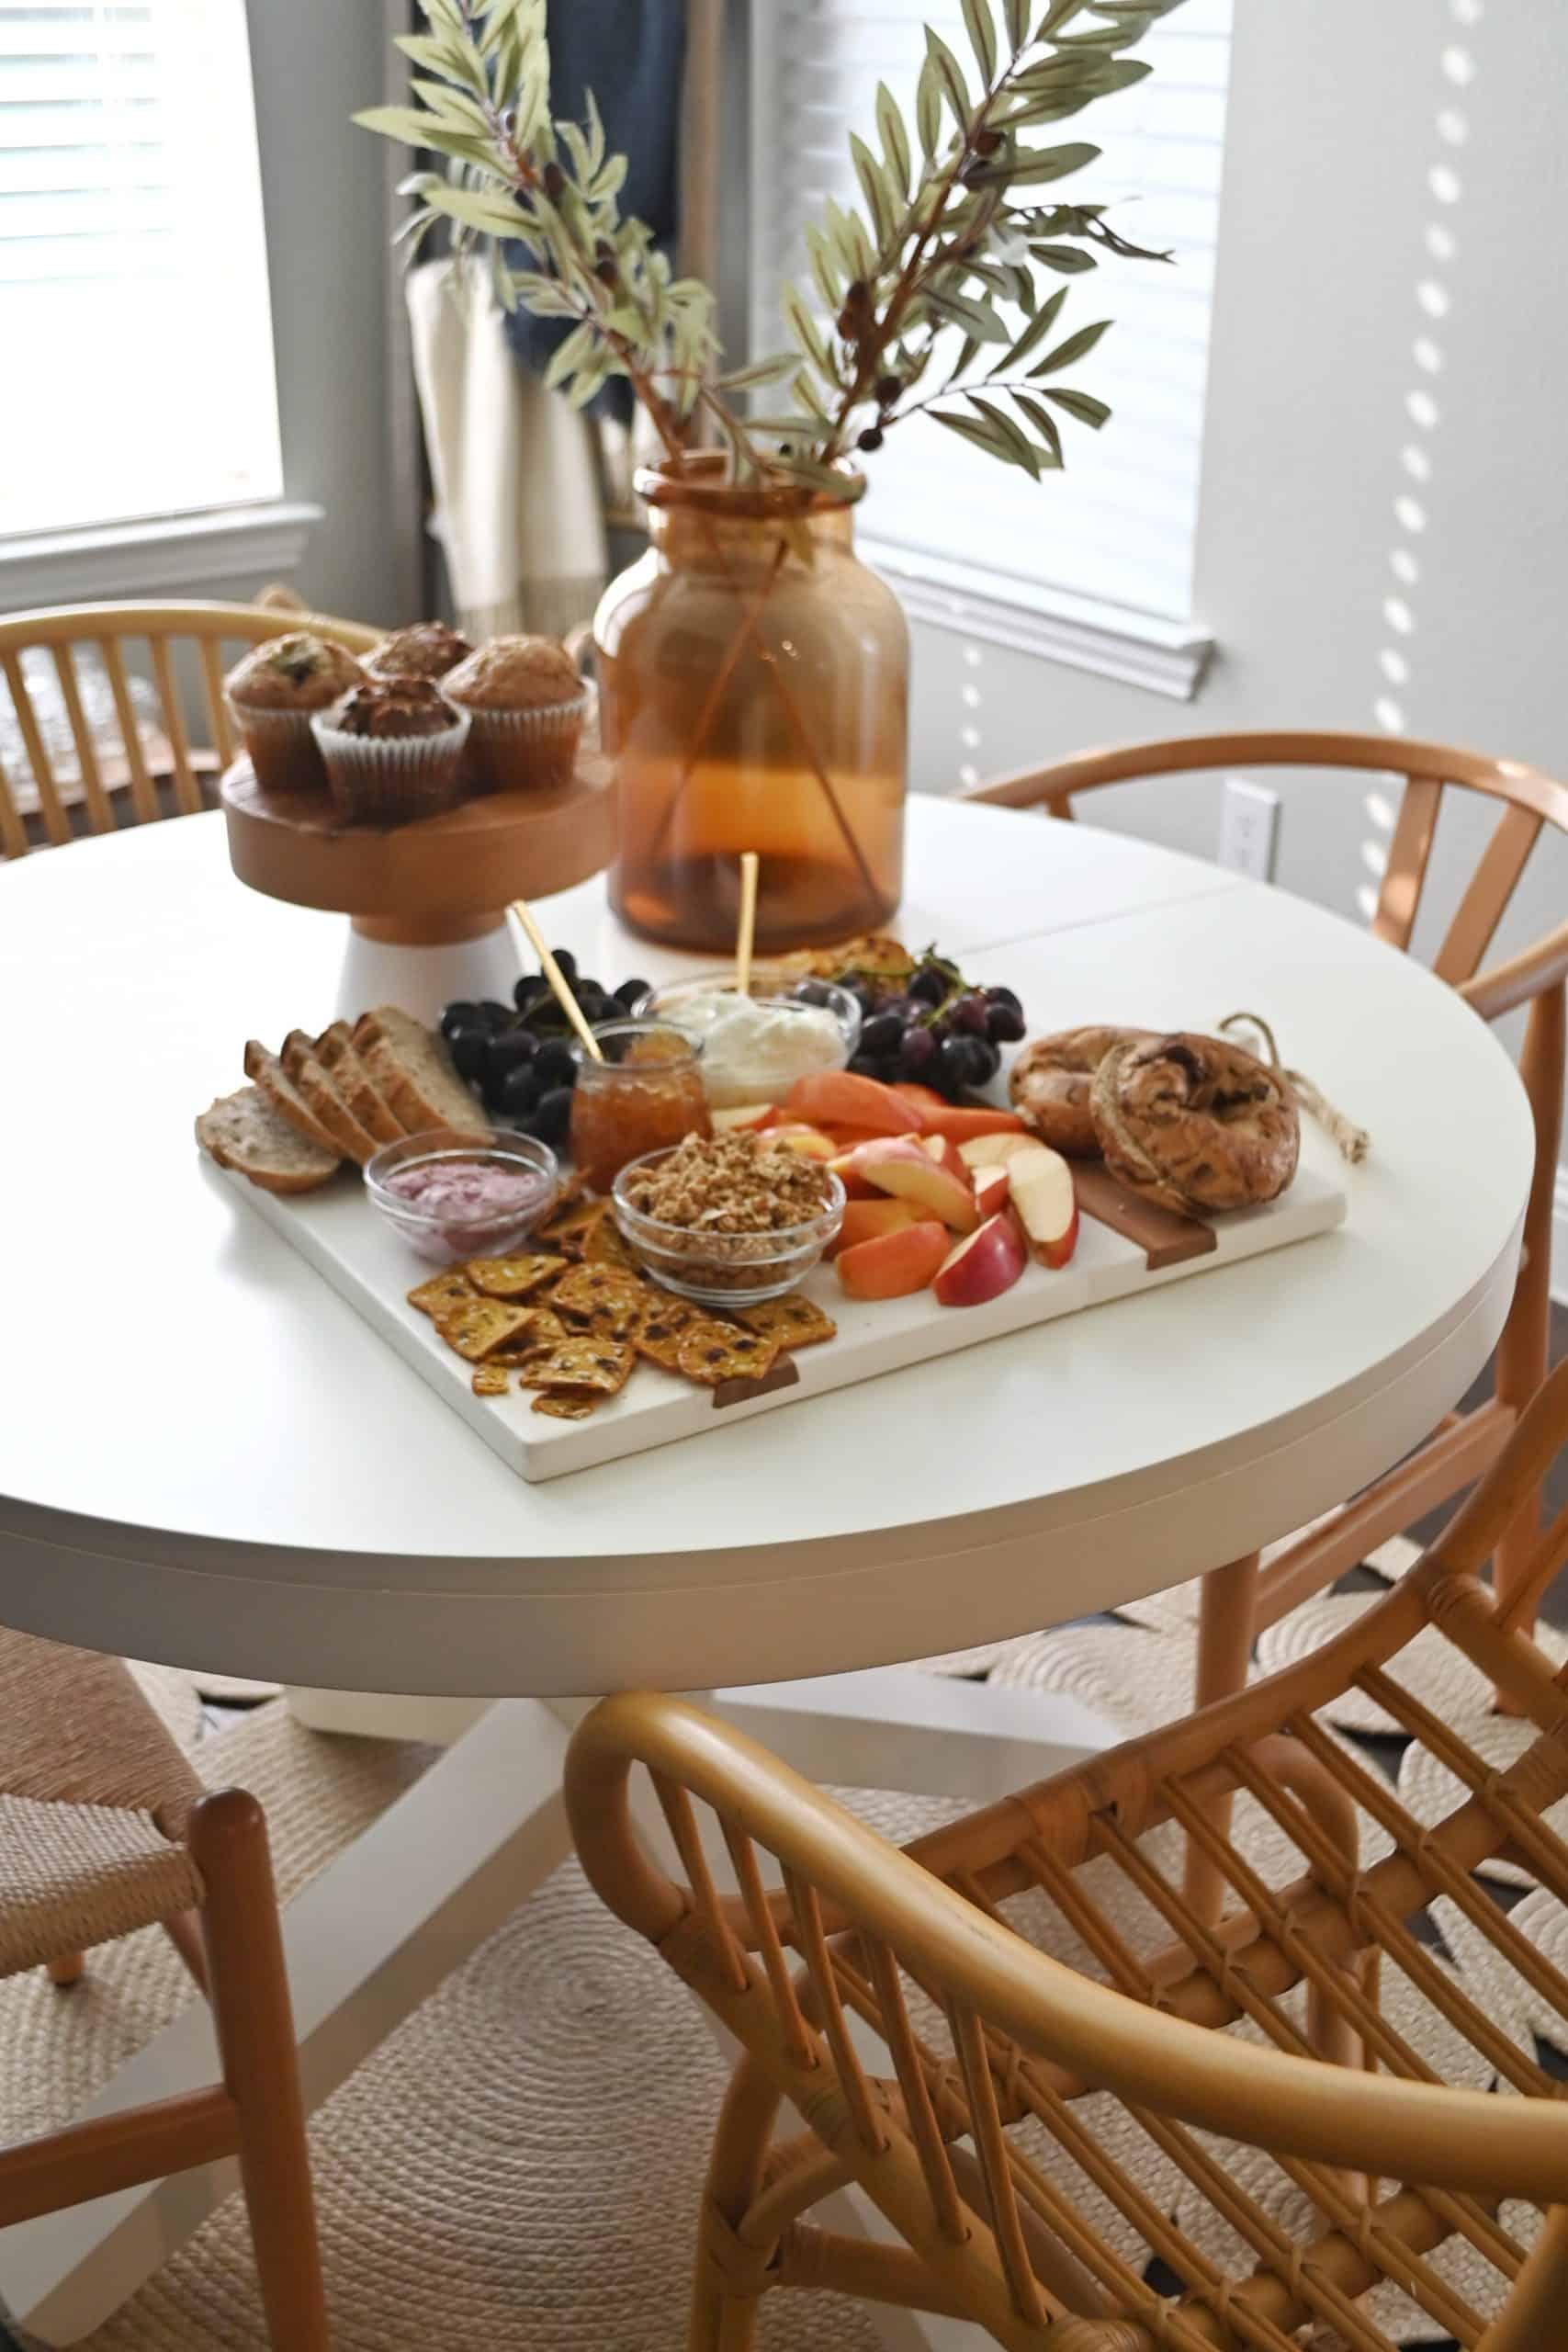 Breakfast board on kitchen table